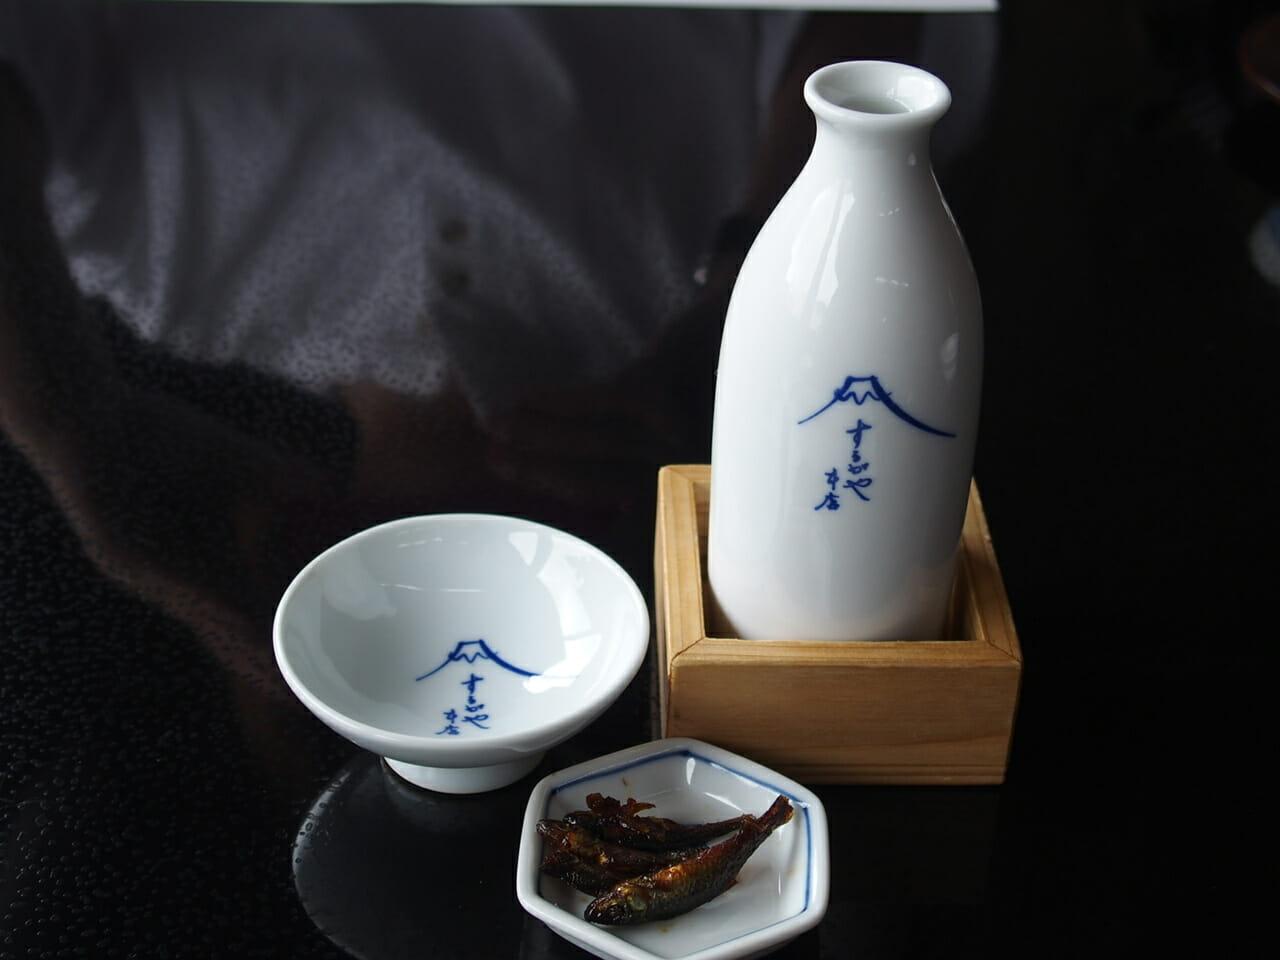 成田山の参道にあるうなぎ駿河屋でお酒を注文しました